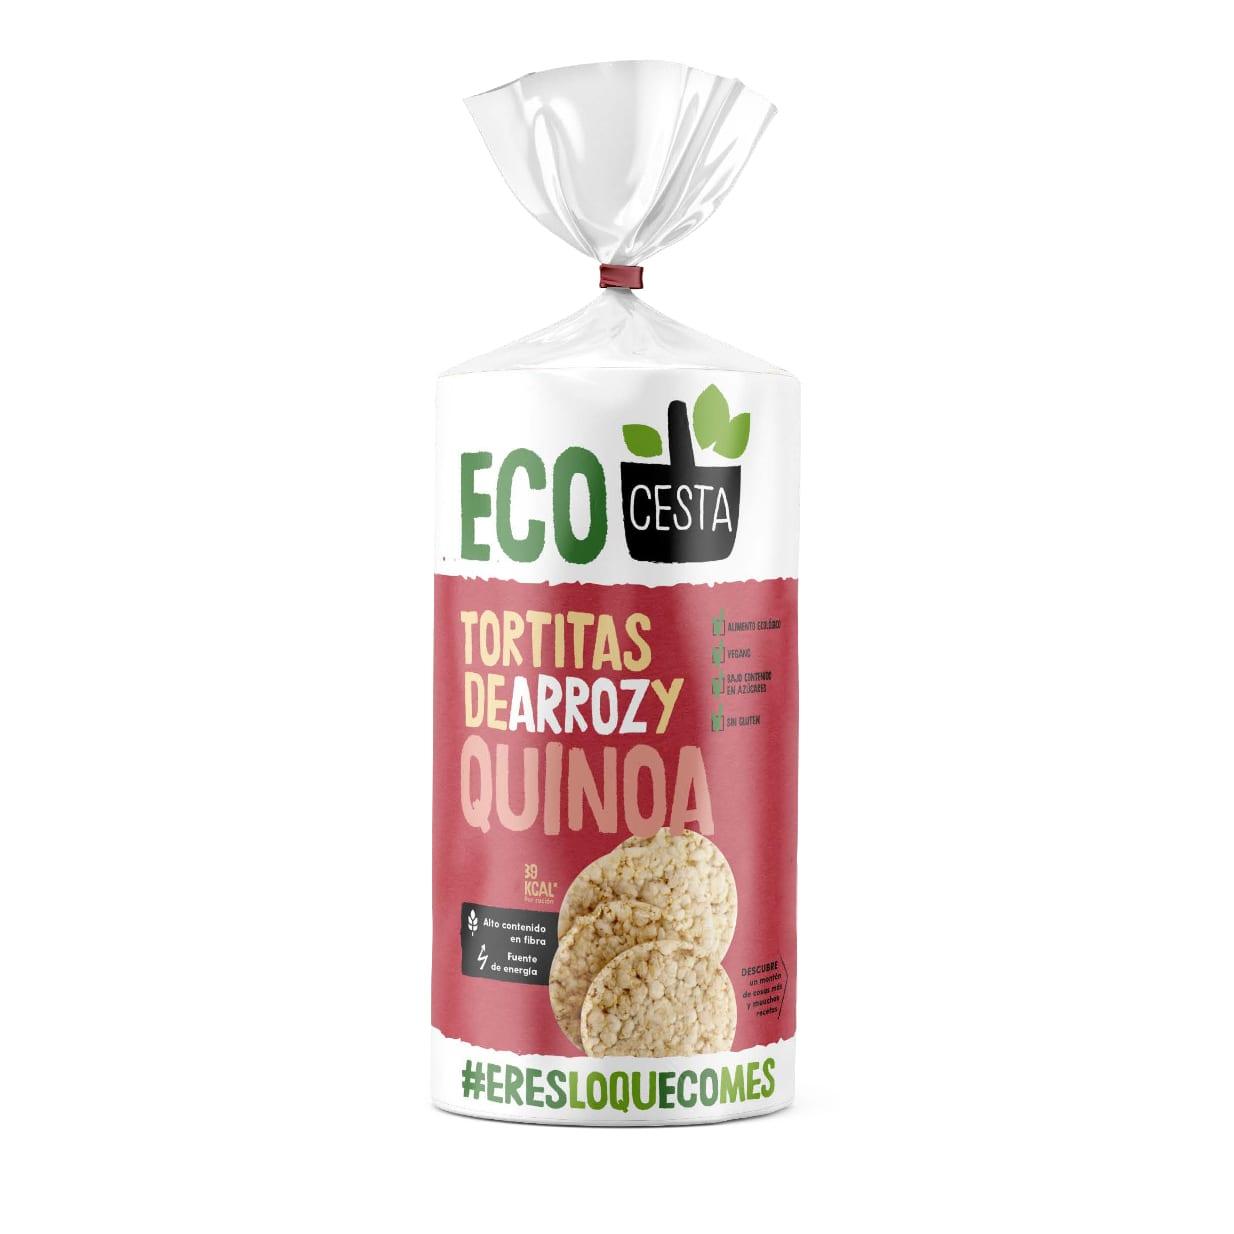 Ecocesta - Tortitas de arroz y quinoa